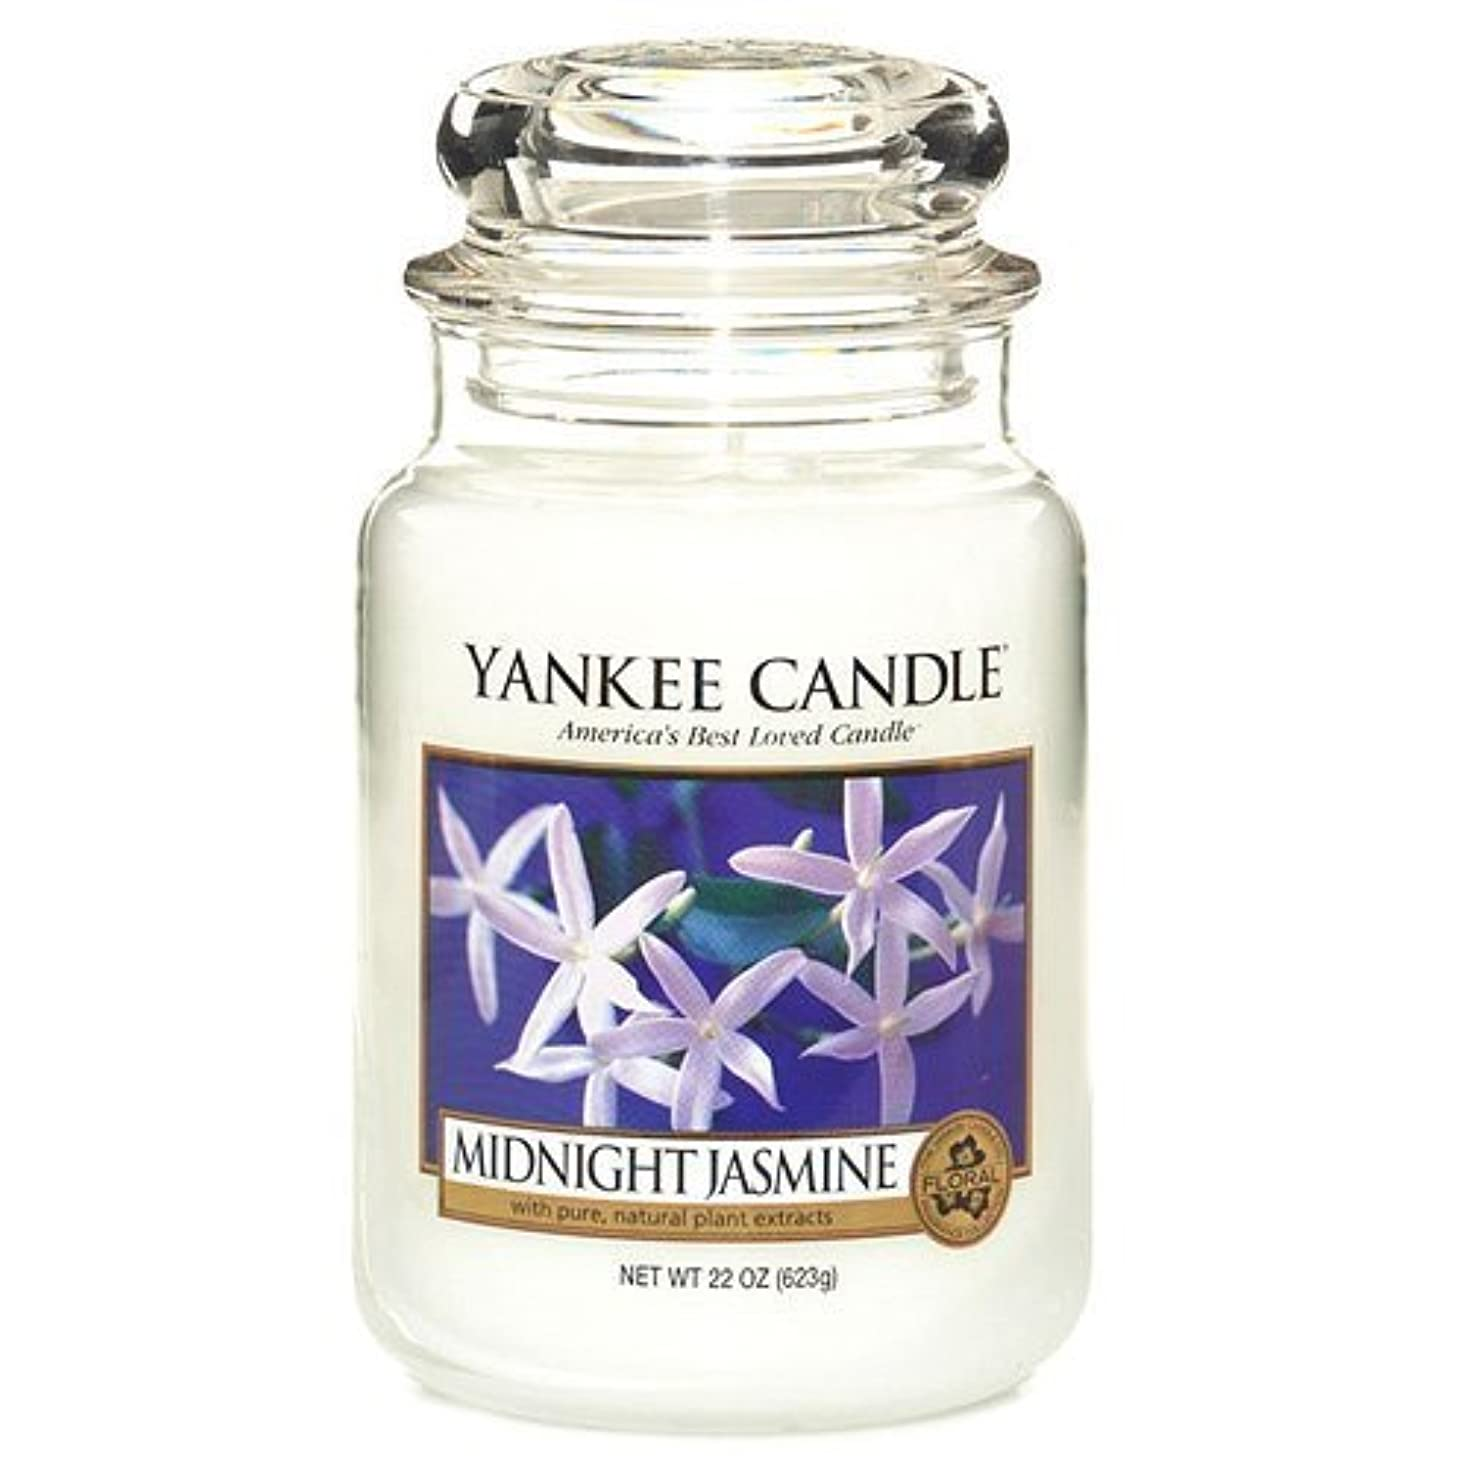 水っぽい宗教指定Yankee Candle Housewarmer Jar (Midnight Jasmine) - Large (22 oz) by Yankee Candle [並行輸入品]